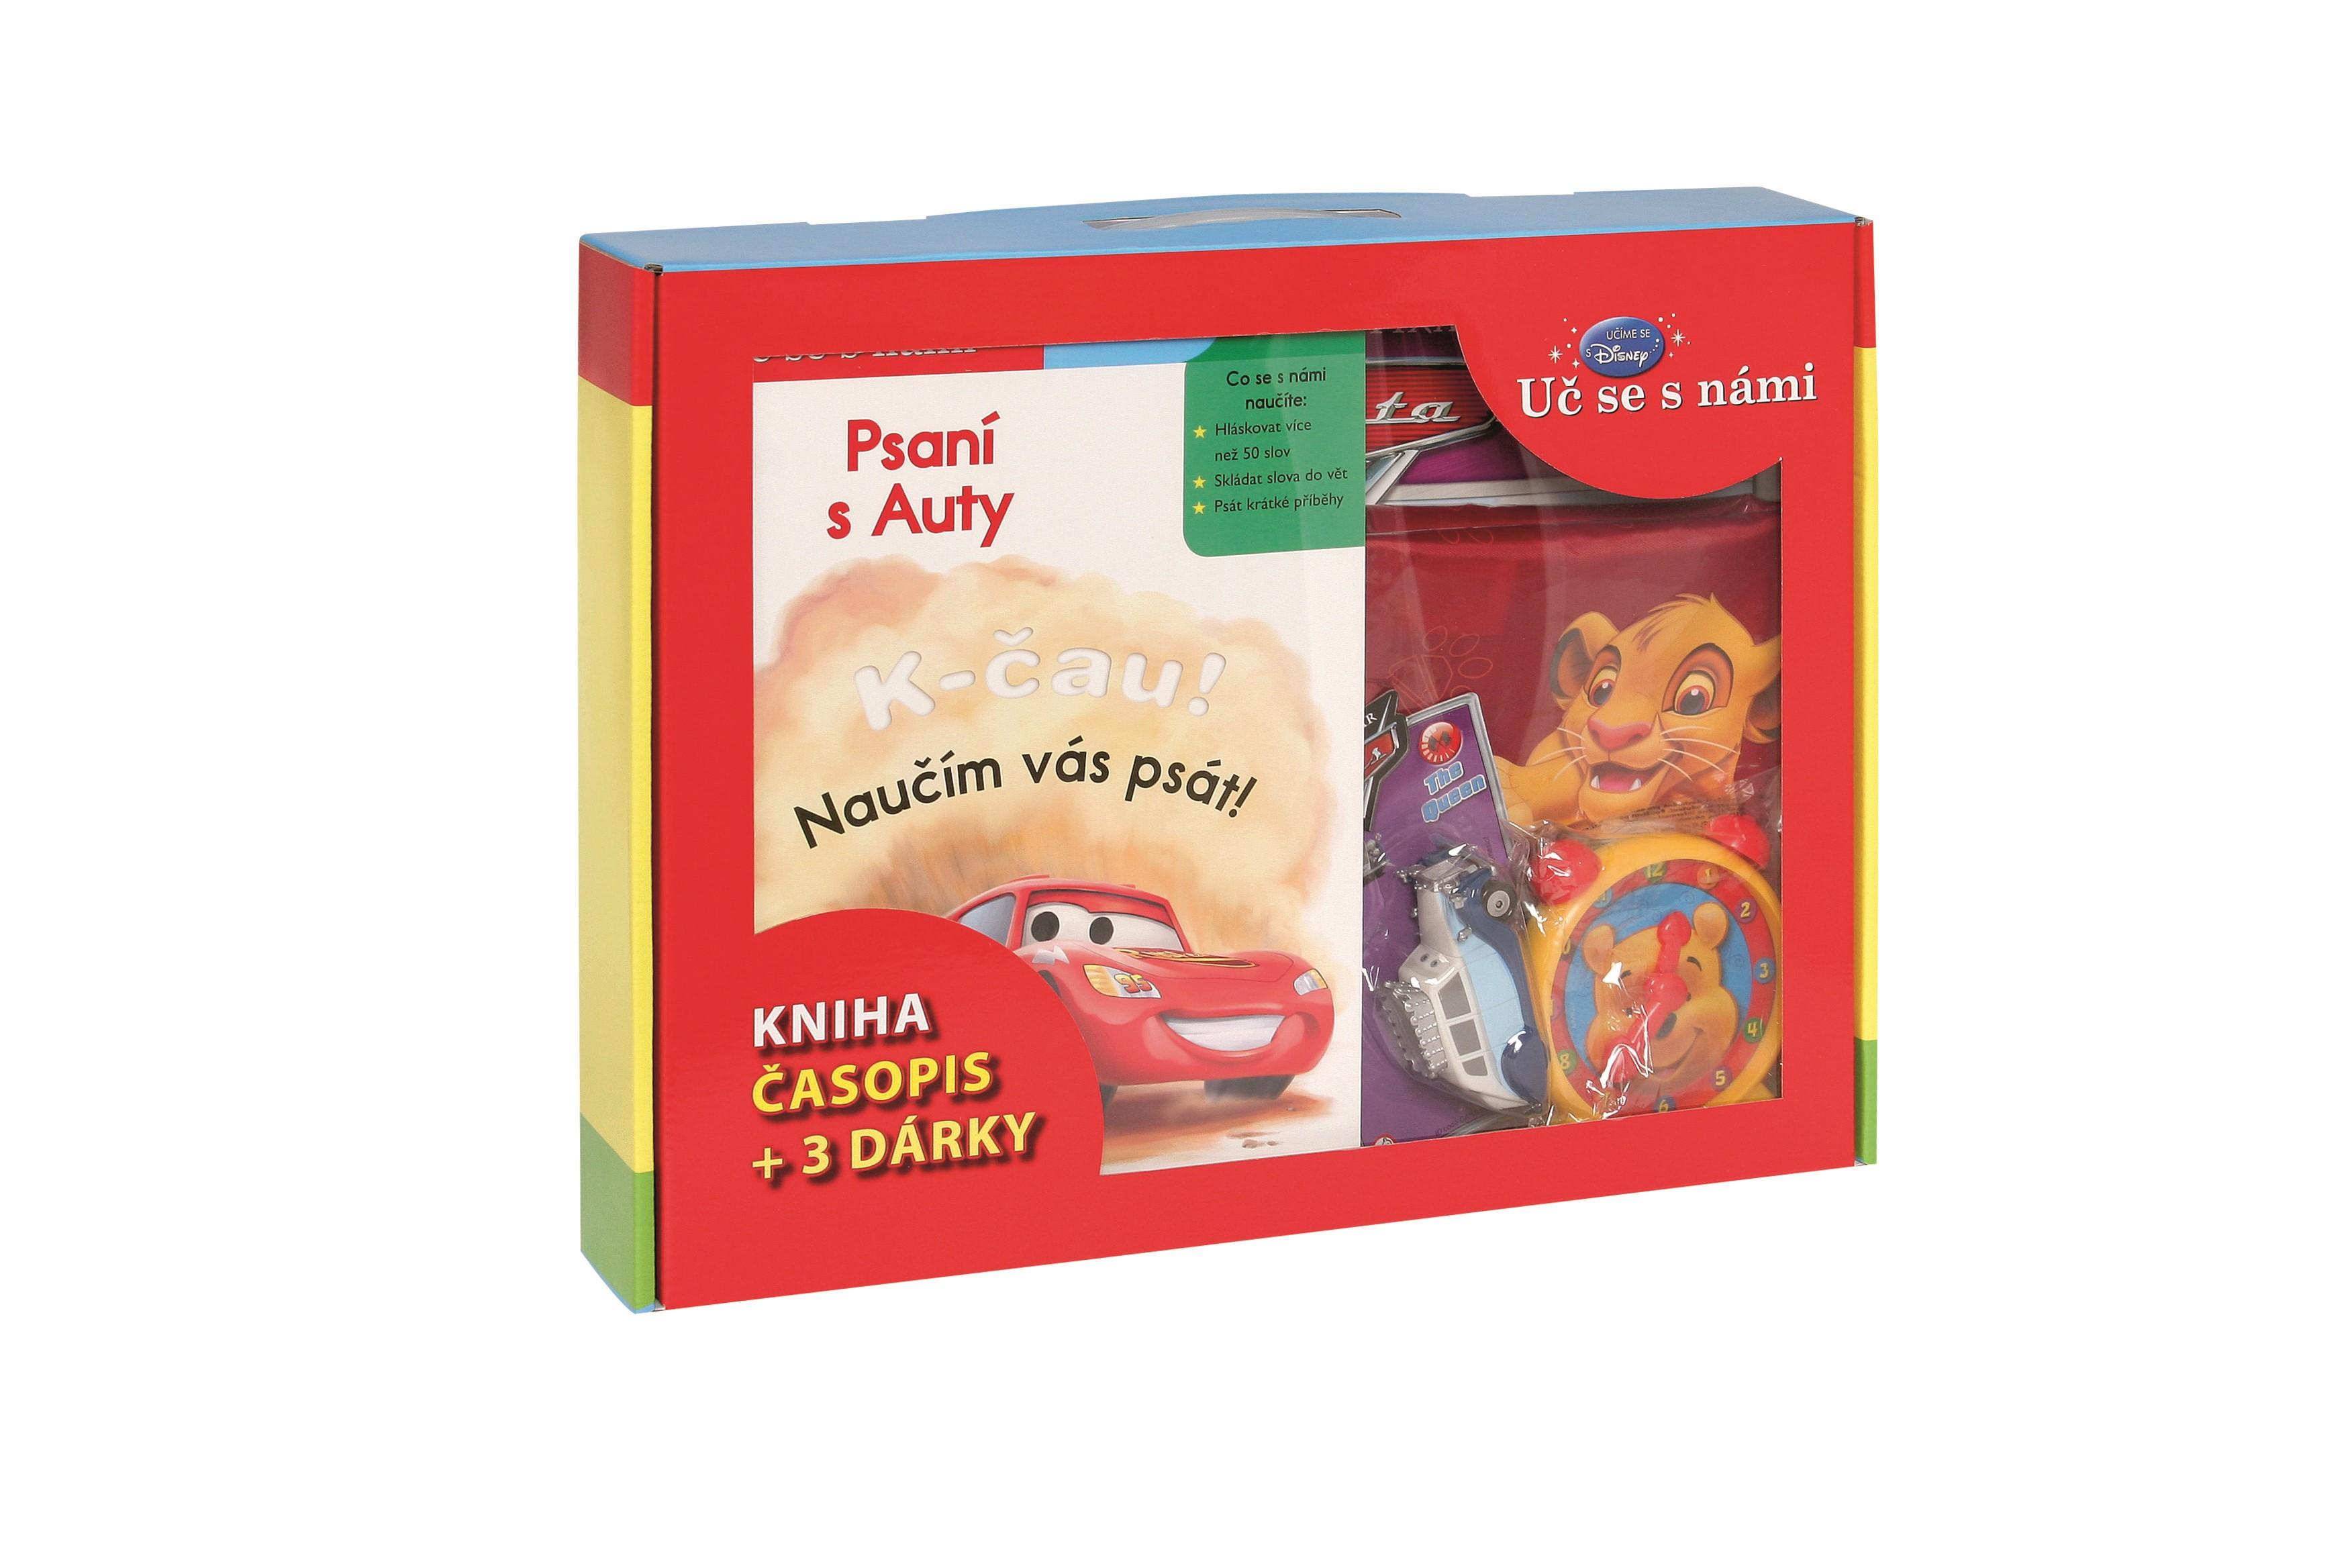 Uč se s námi - Psaní s Auty (kniha, časopis + 3 dárky) | Pixar, Pixar